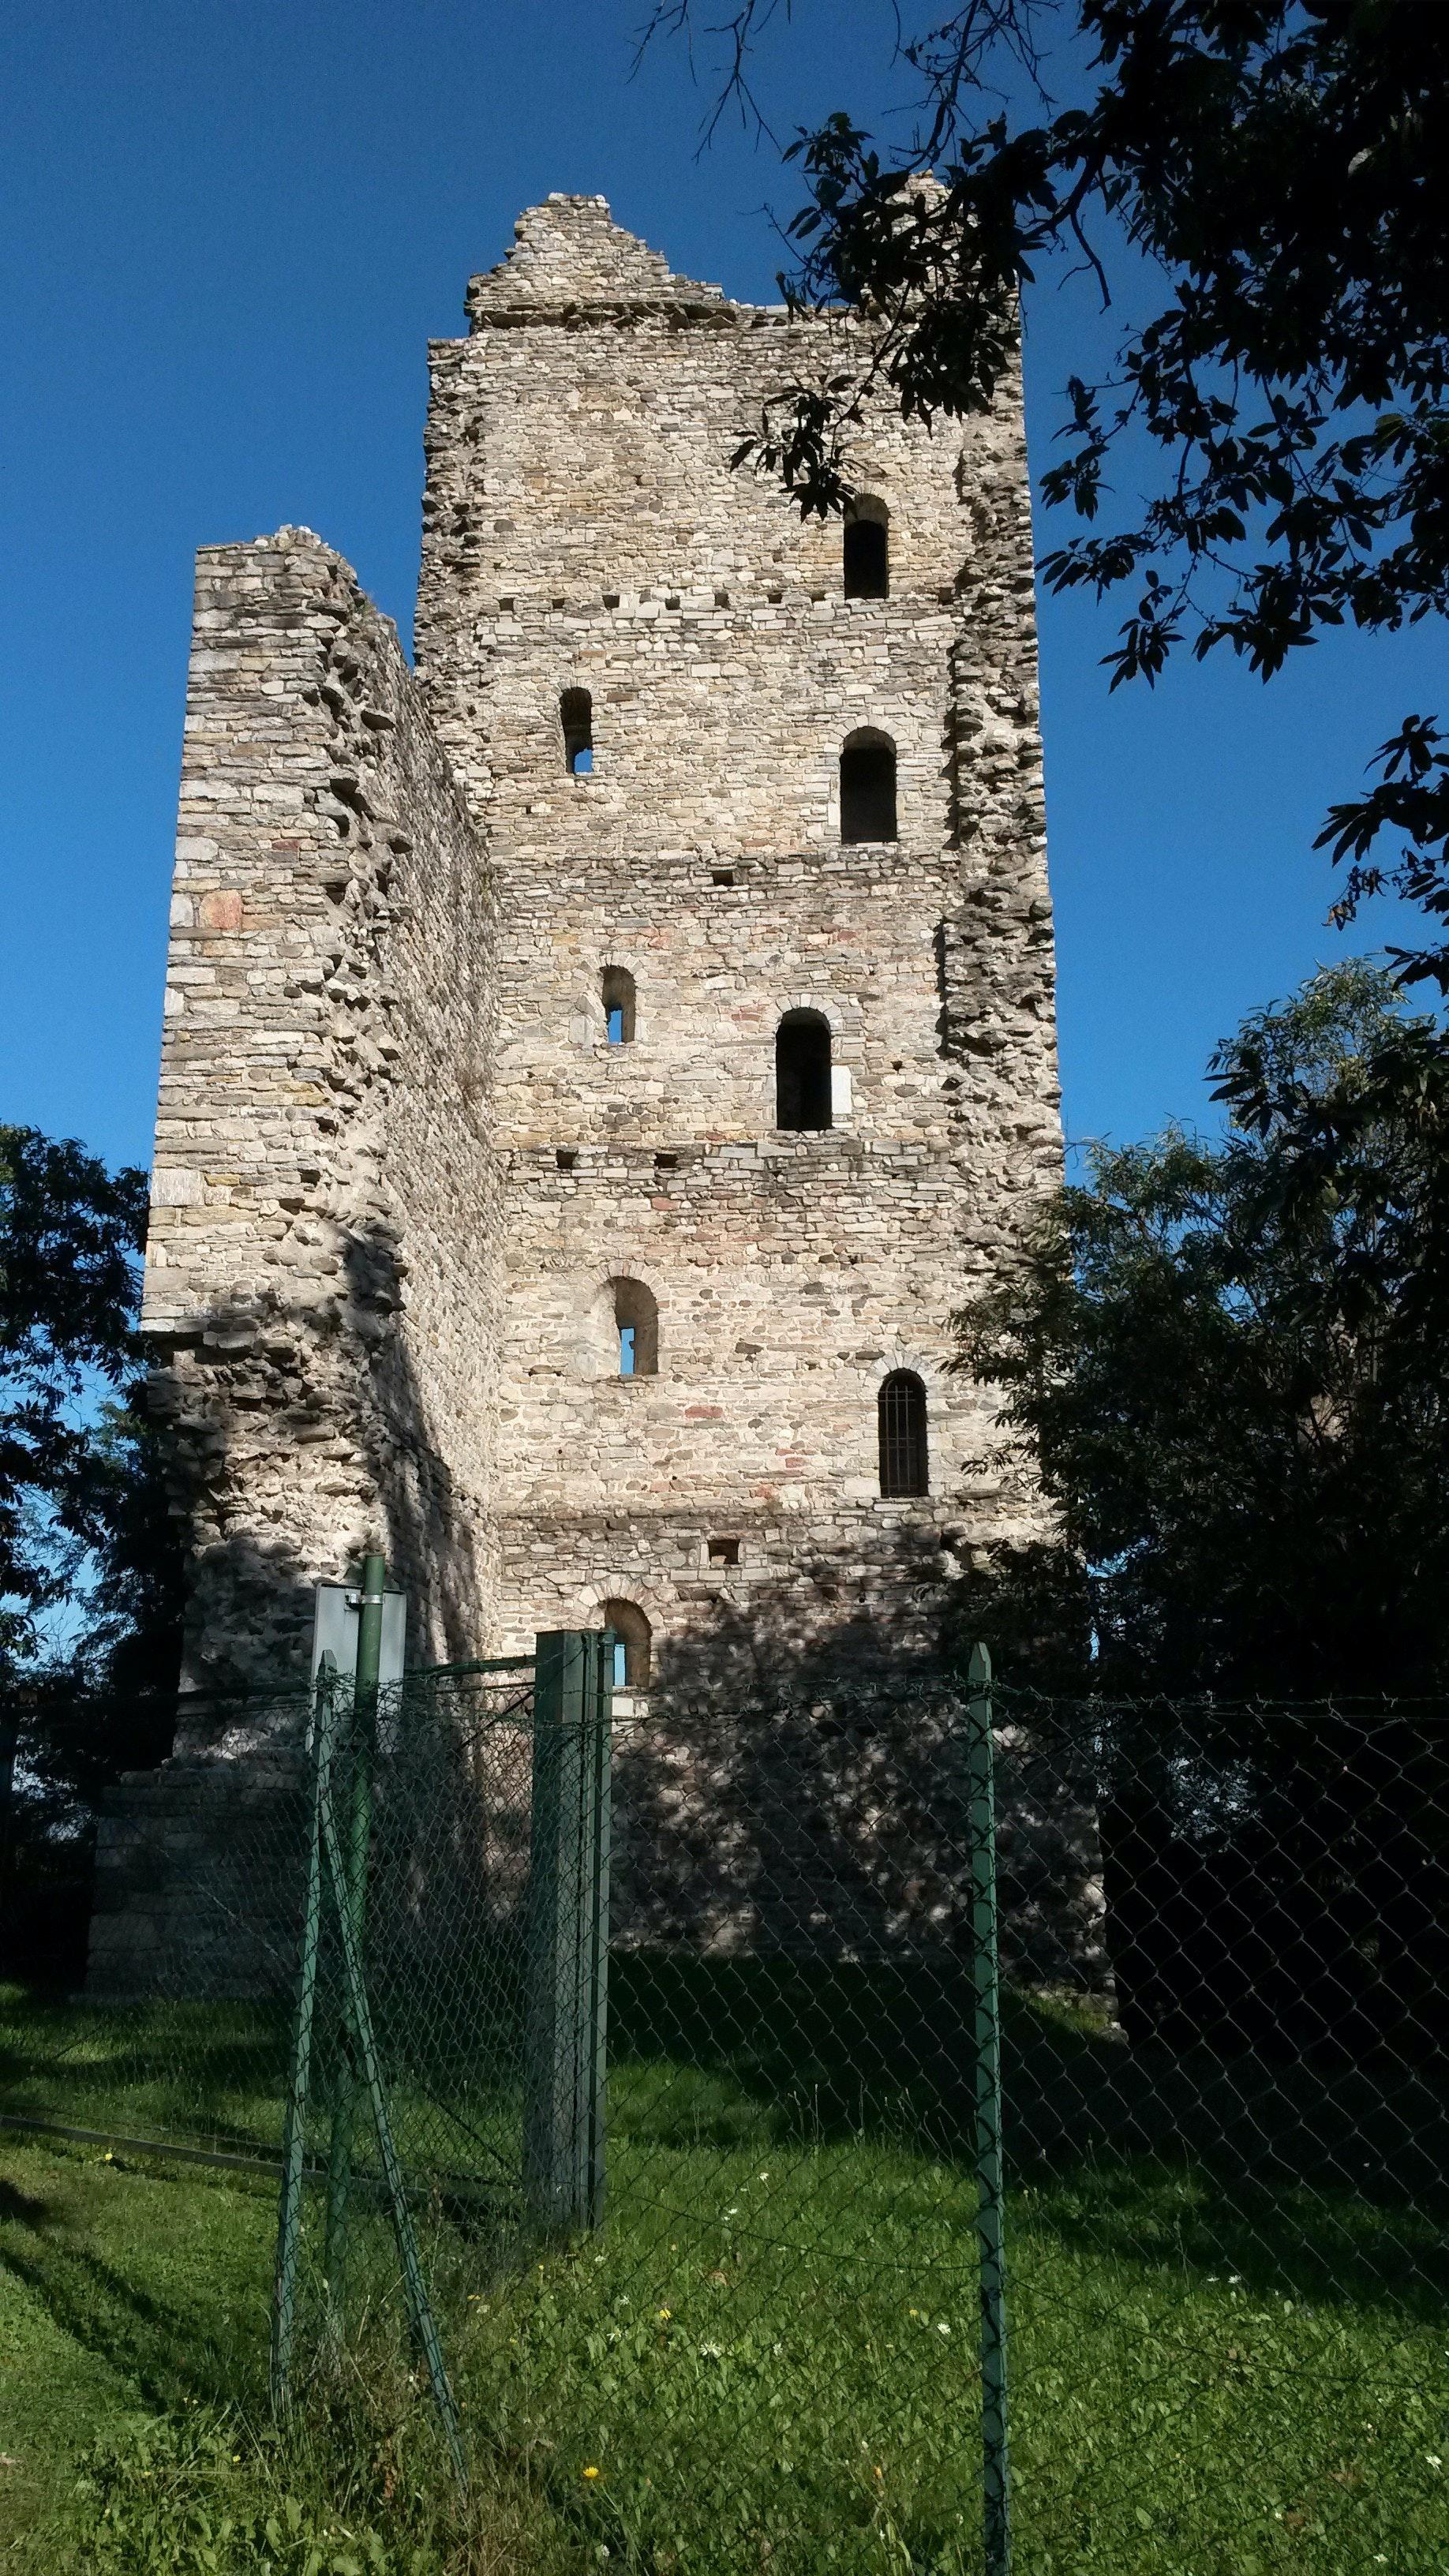 Gite scolastiche alle Torre di Velate